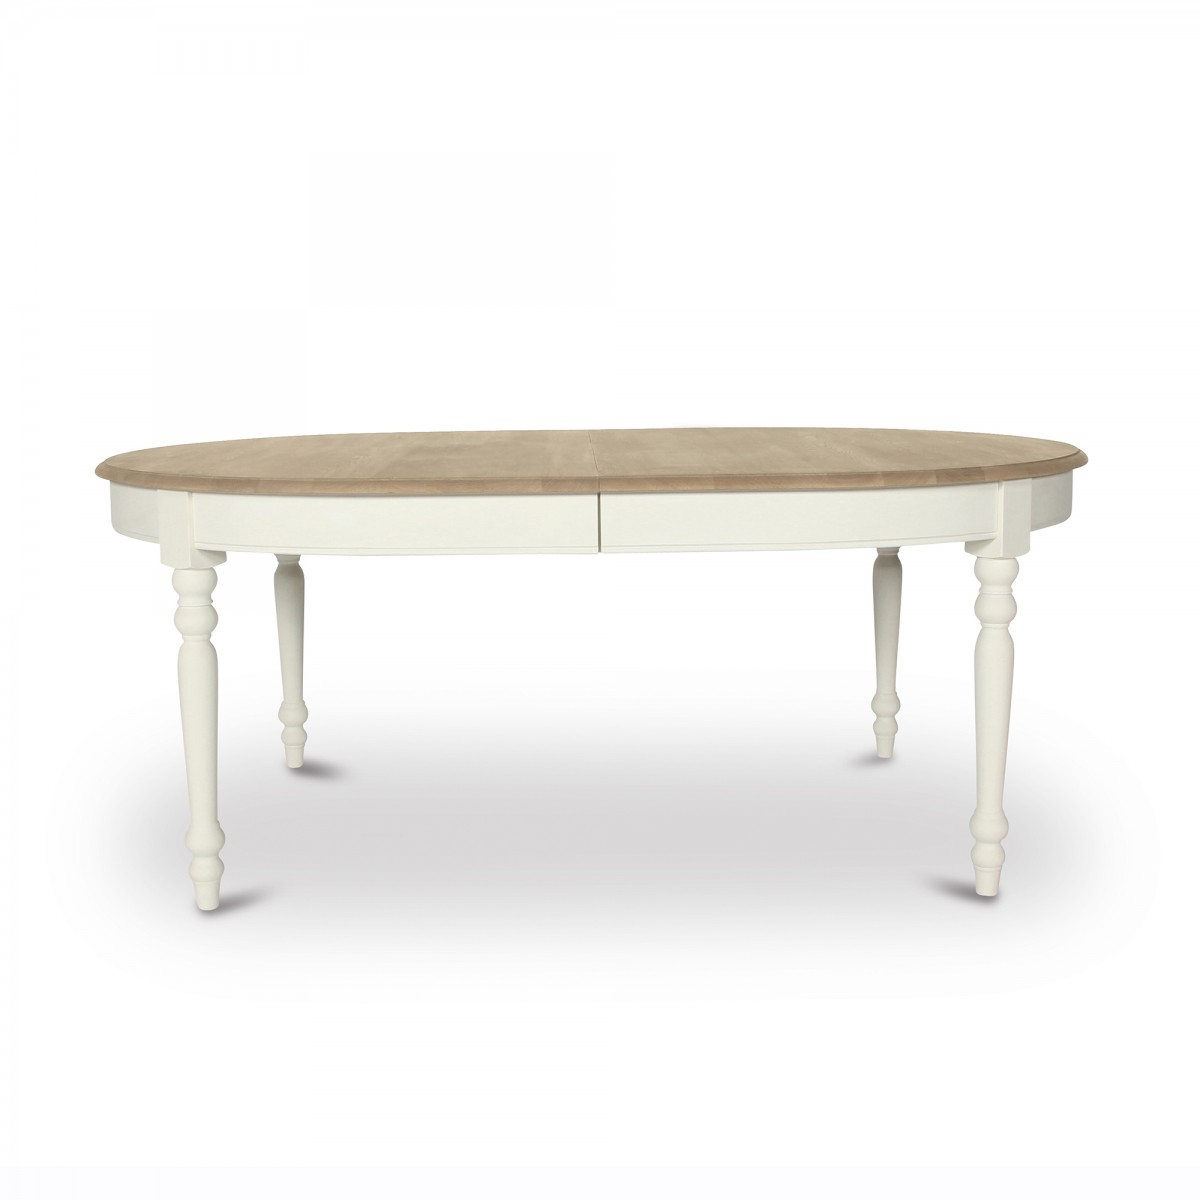 Table extensible VERSAILLES ovale par VINCENT SHEPPARD. 5ede46cd05eb